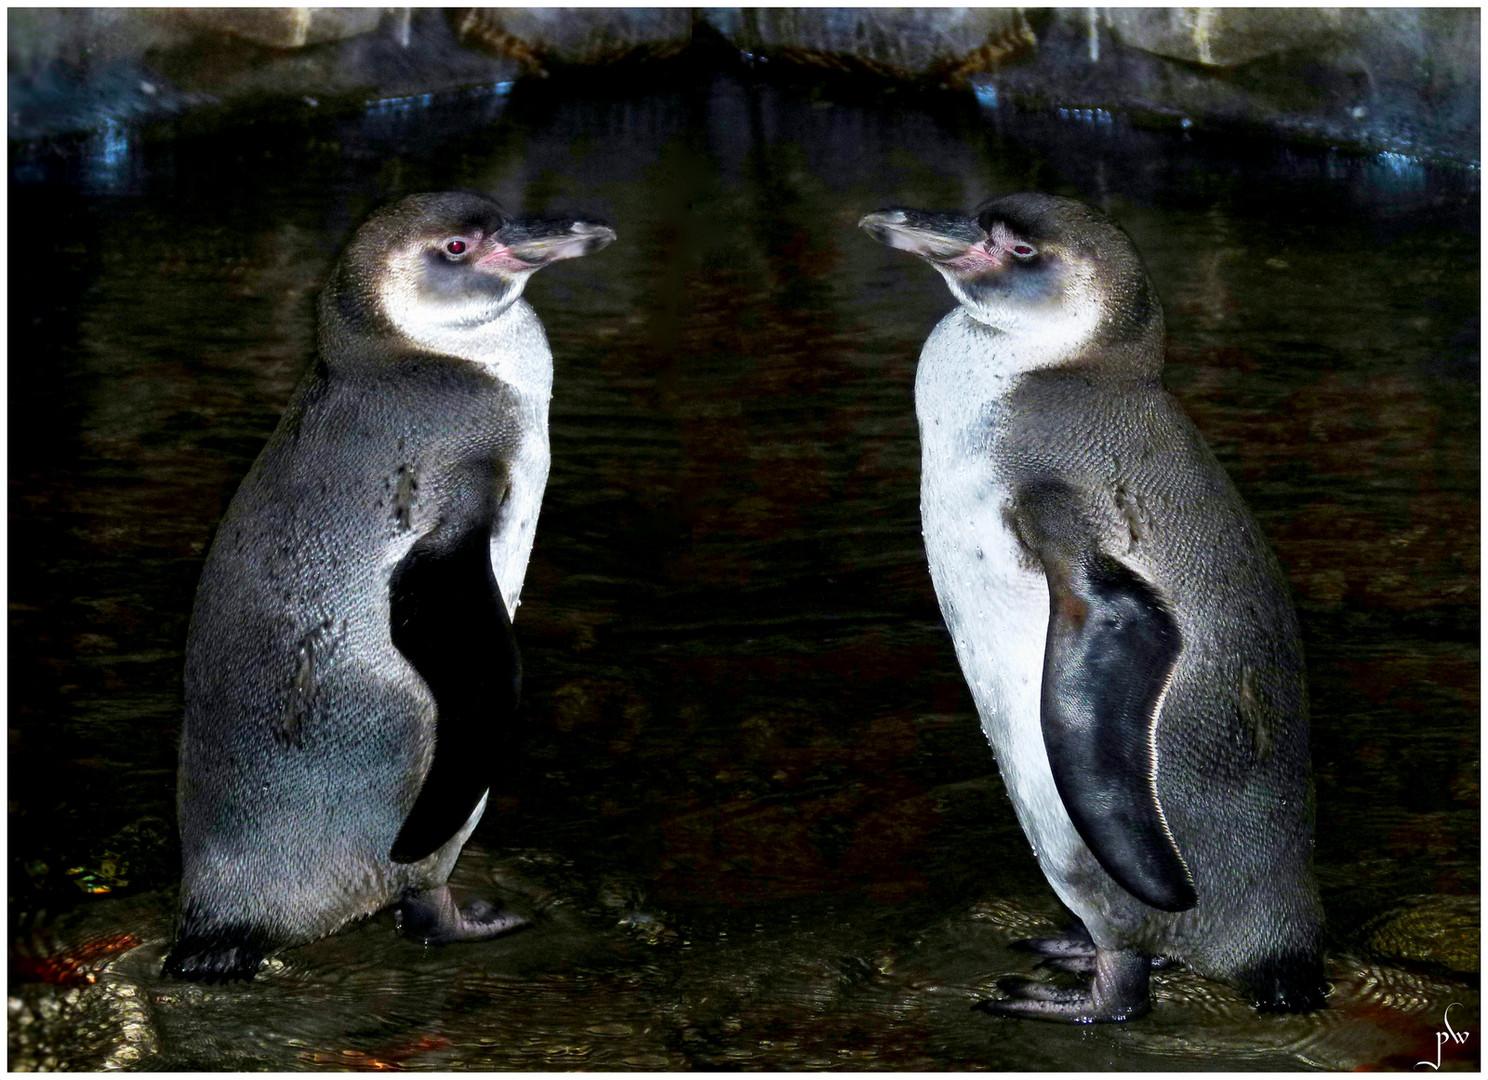 Pinguine bei Hagenbeck - Gegenüberstellung